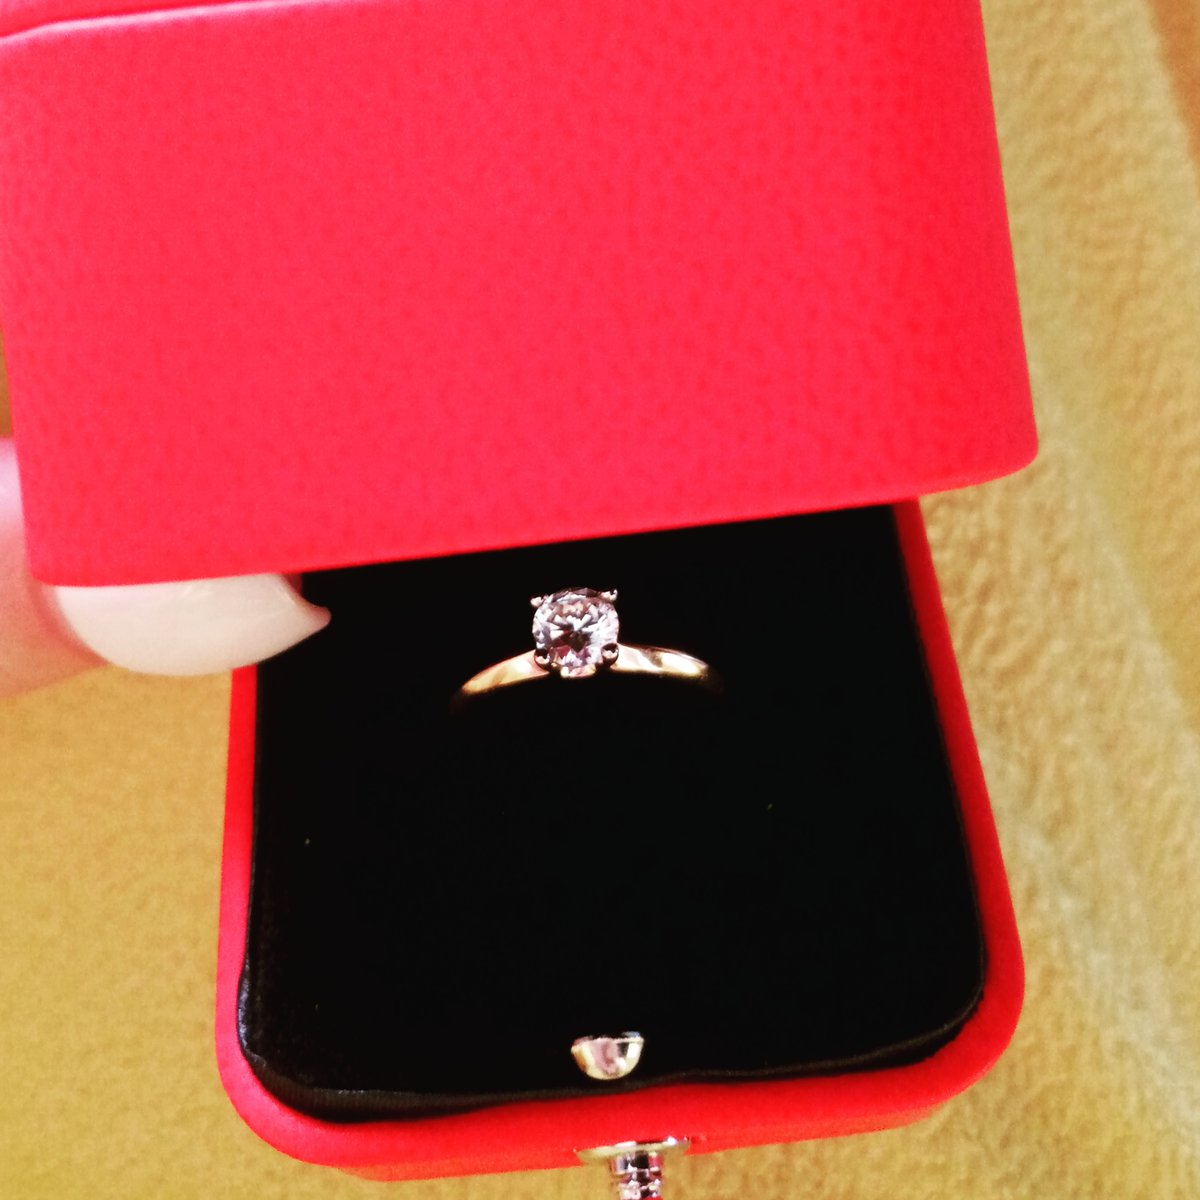 Нереальное изящное кольцо, классика всегда в моде, заказывайте не пожалеете